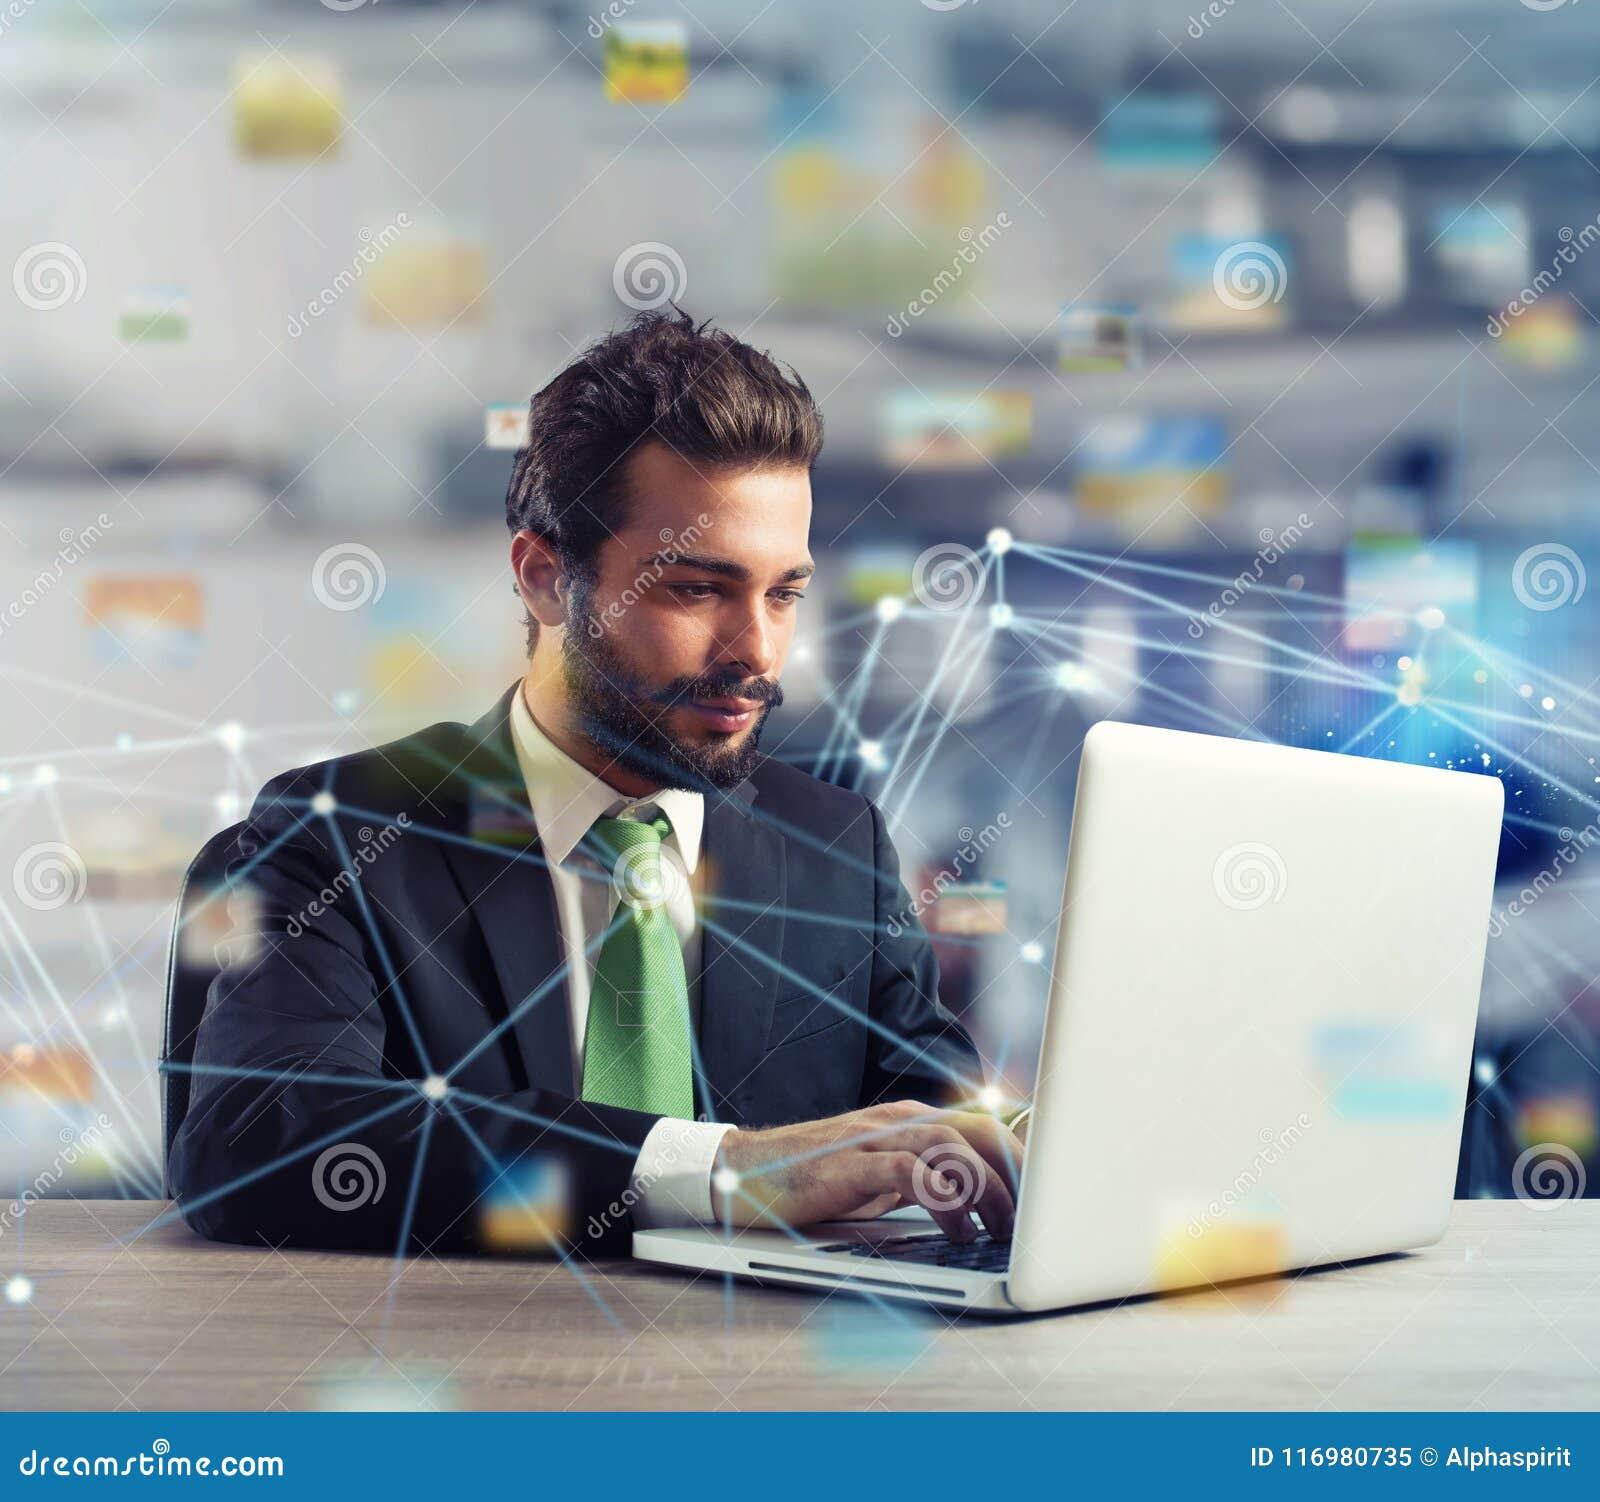 Hombre de negocios en la oficina conectada en Internet Concepto de compañía de lanzamiento